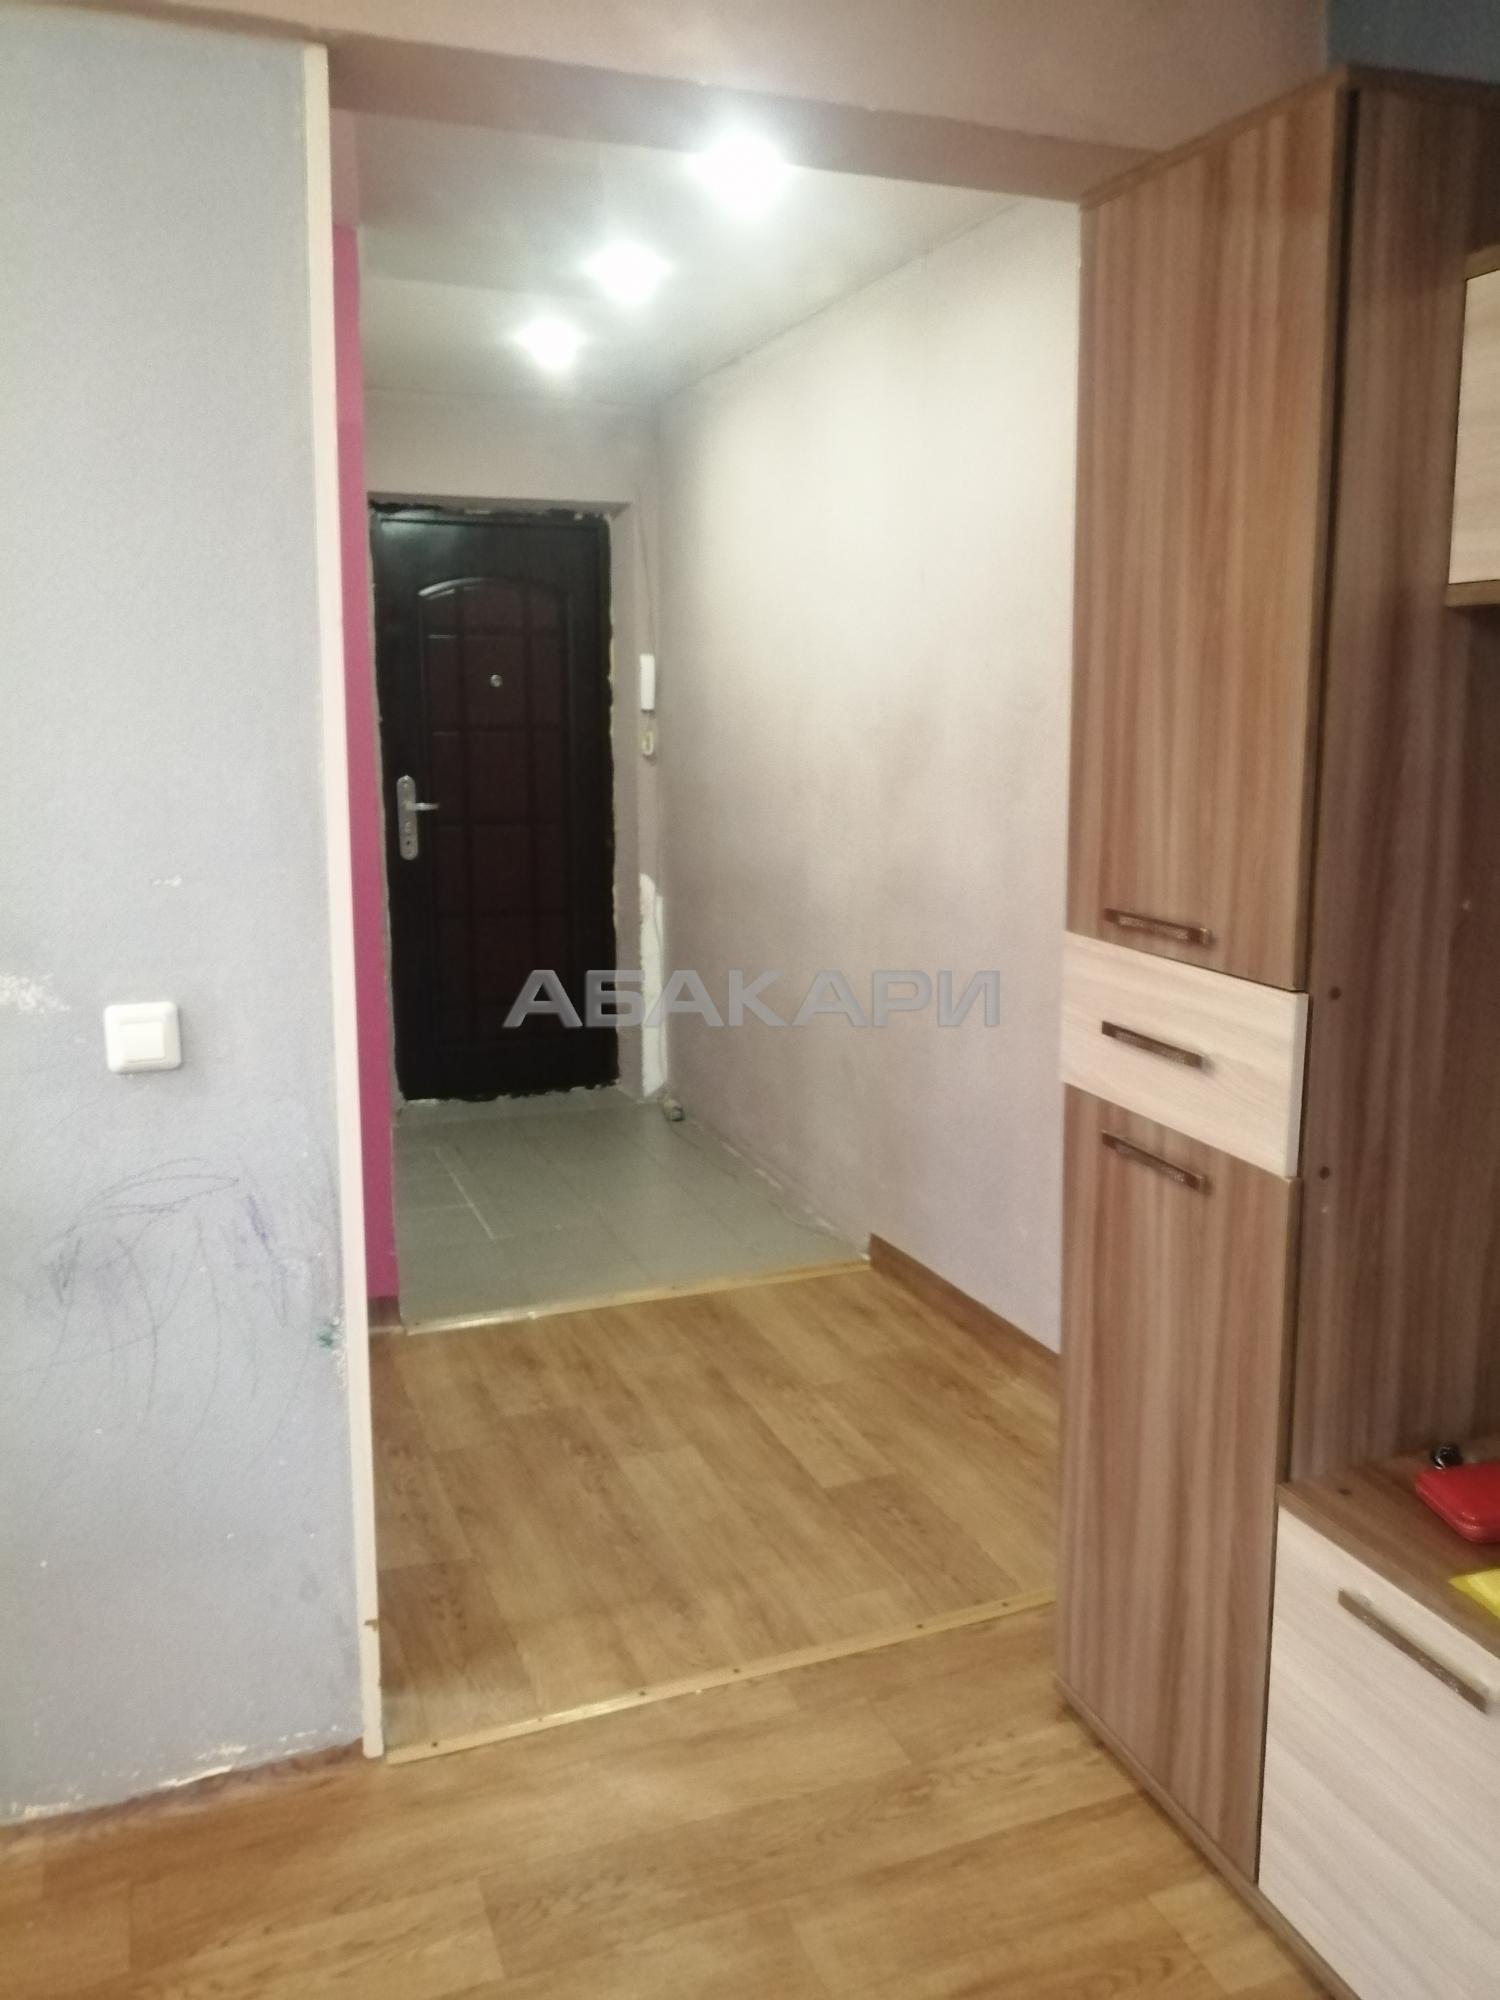 1к квартира улица Малиновского, 2А 5/5 - 42кв   11000   аренда в Красноярске фото 2